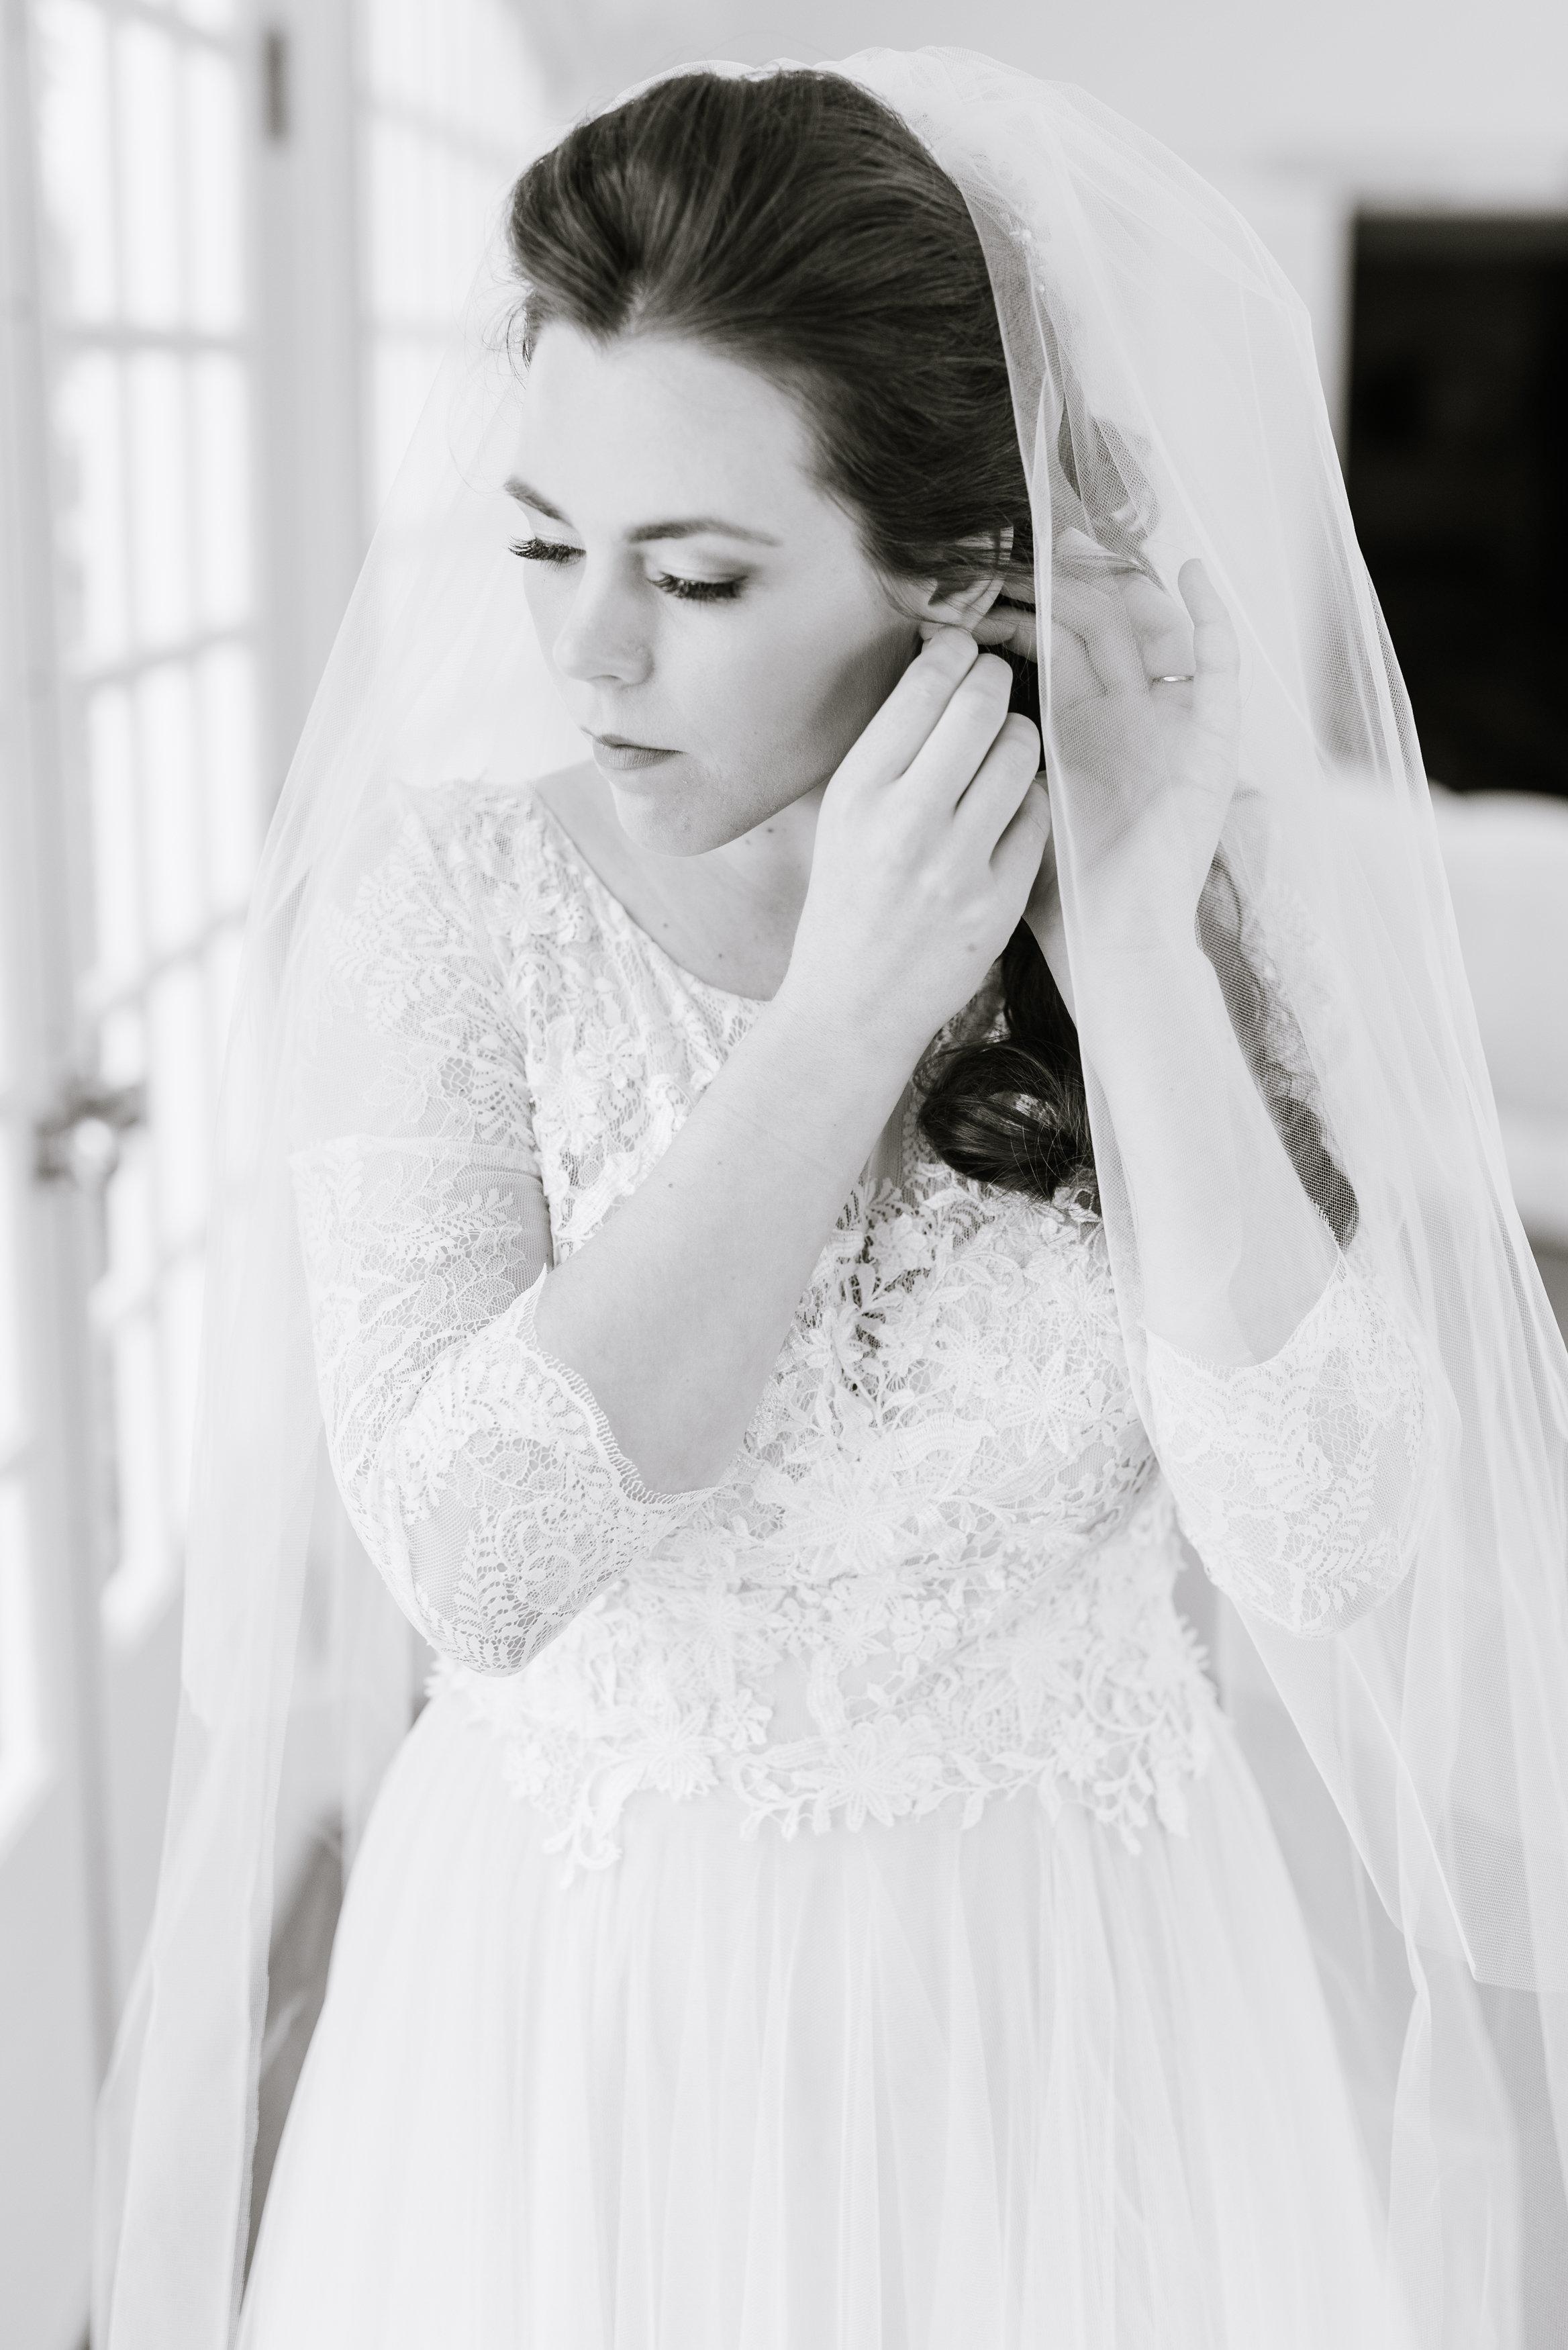 tylar-seth-wedding-49.jpg